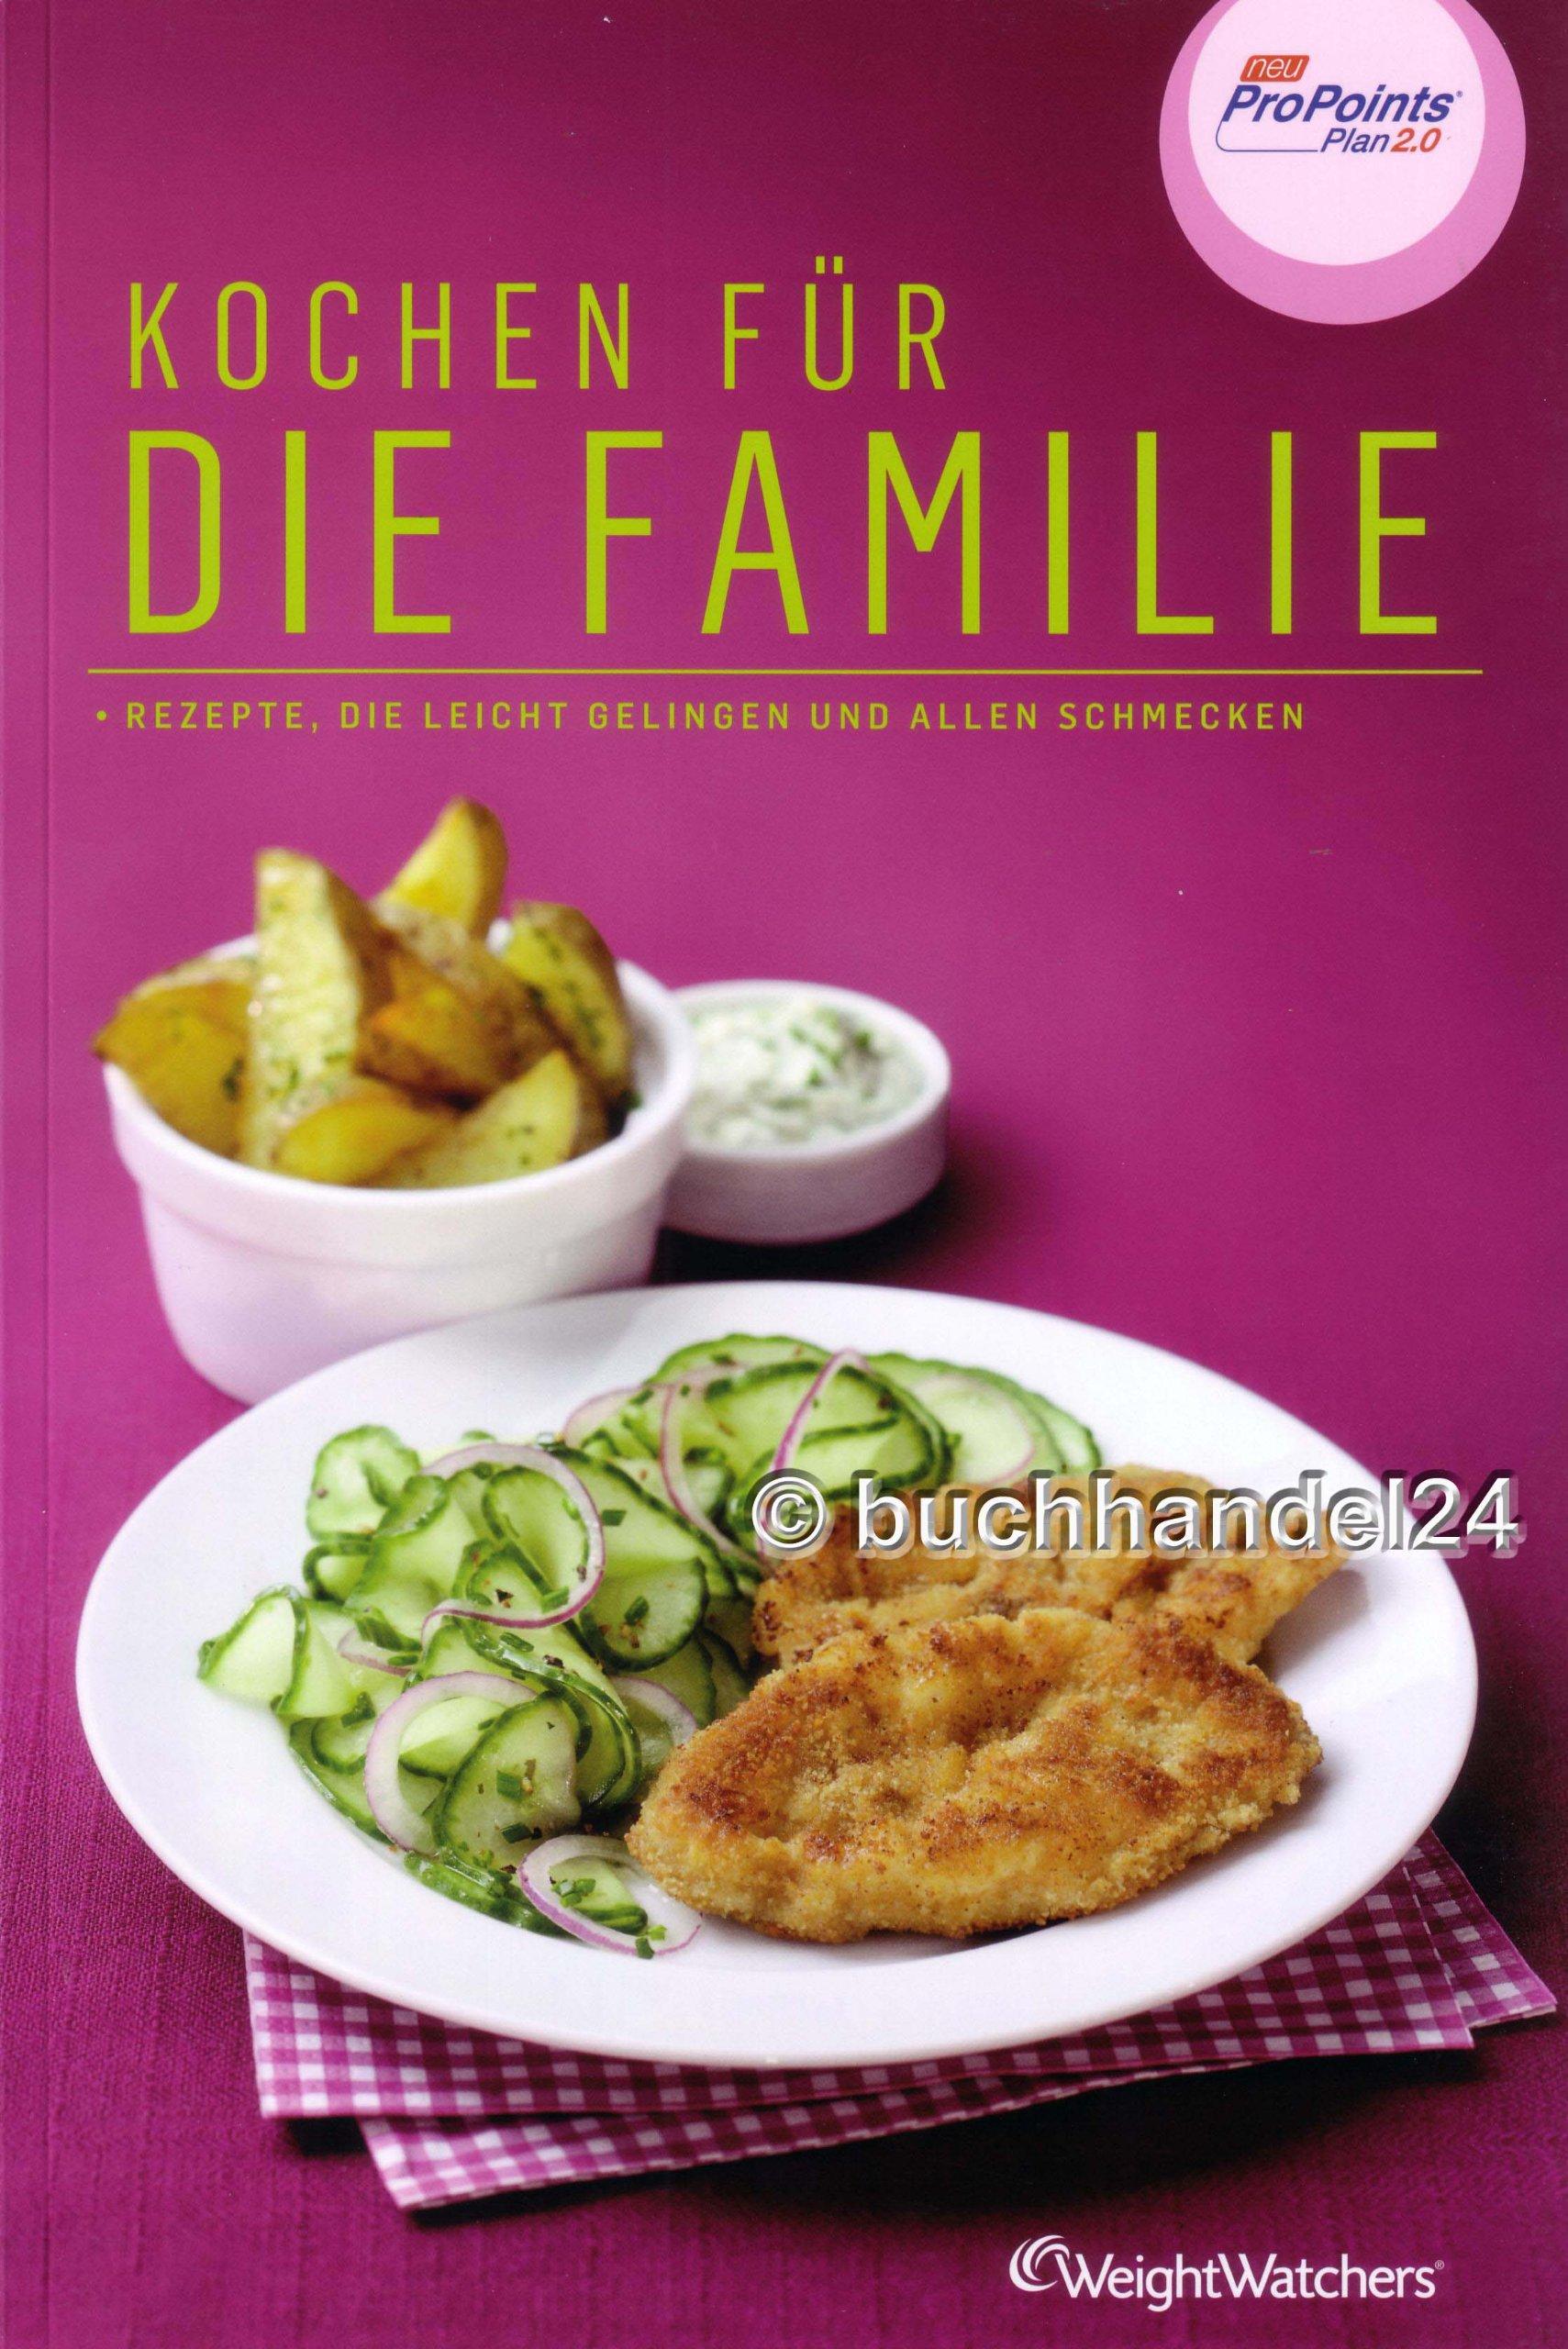 Kochen für die Familie (ProPoints™ Plan 2.0) von Weight Watchers *NEU 2012*